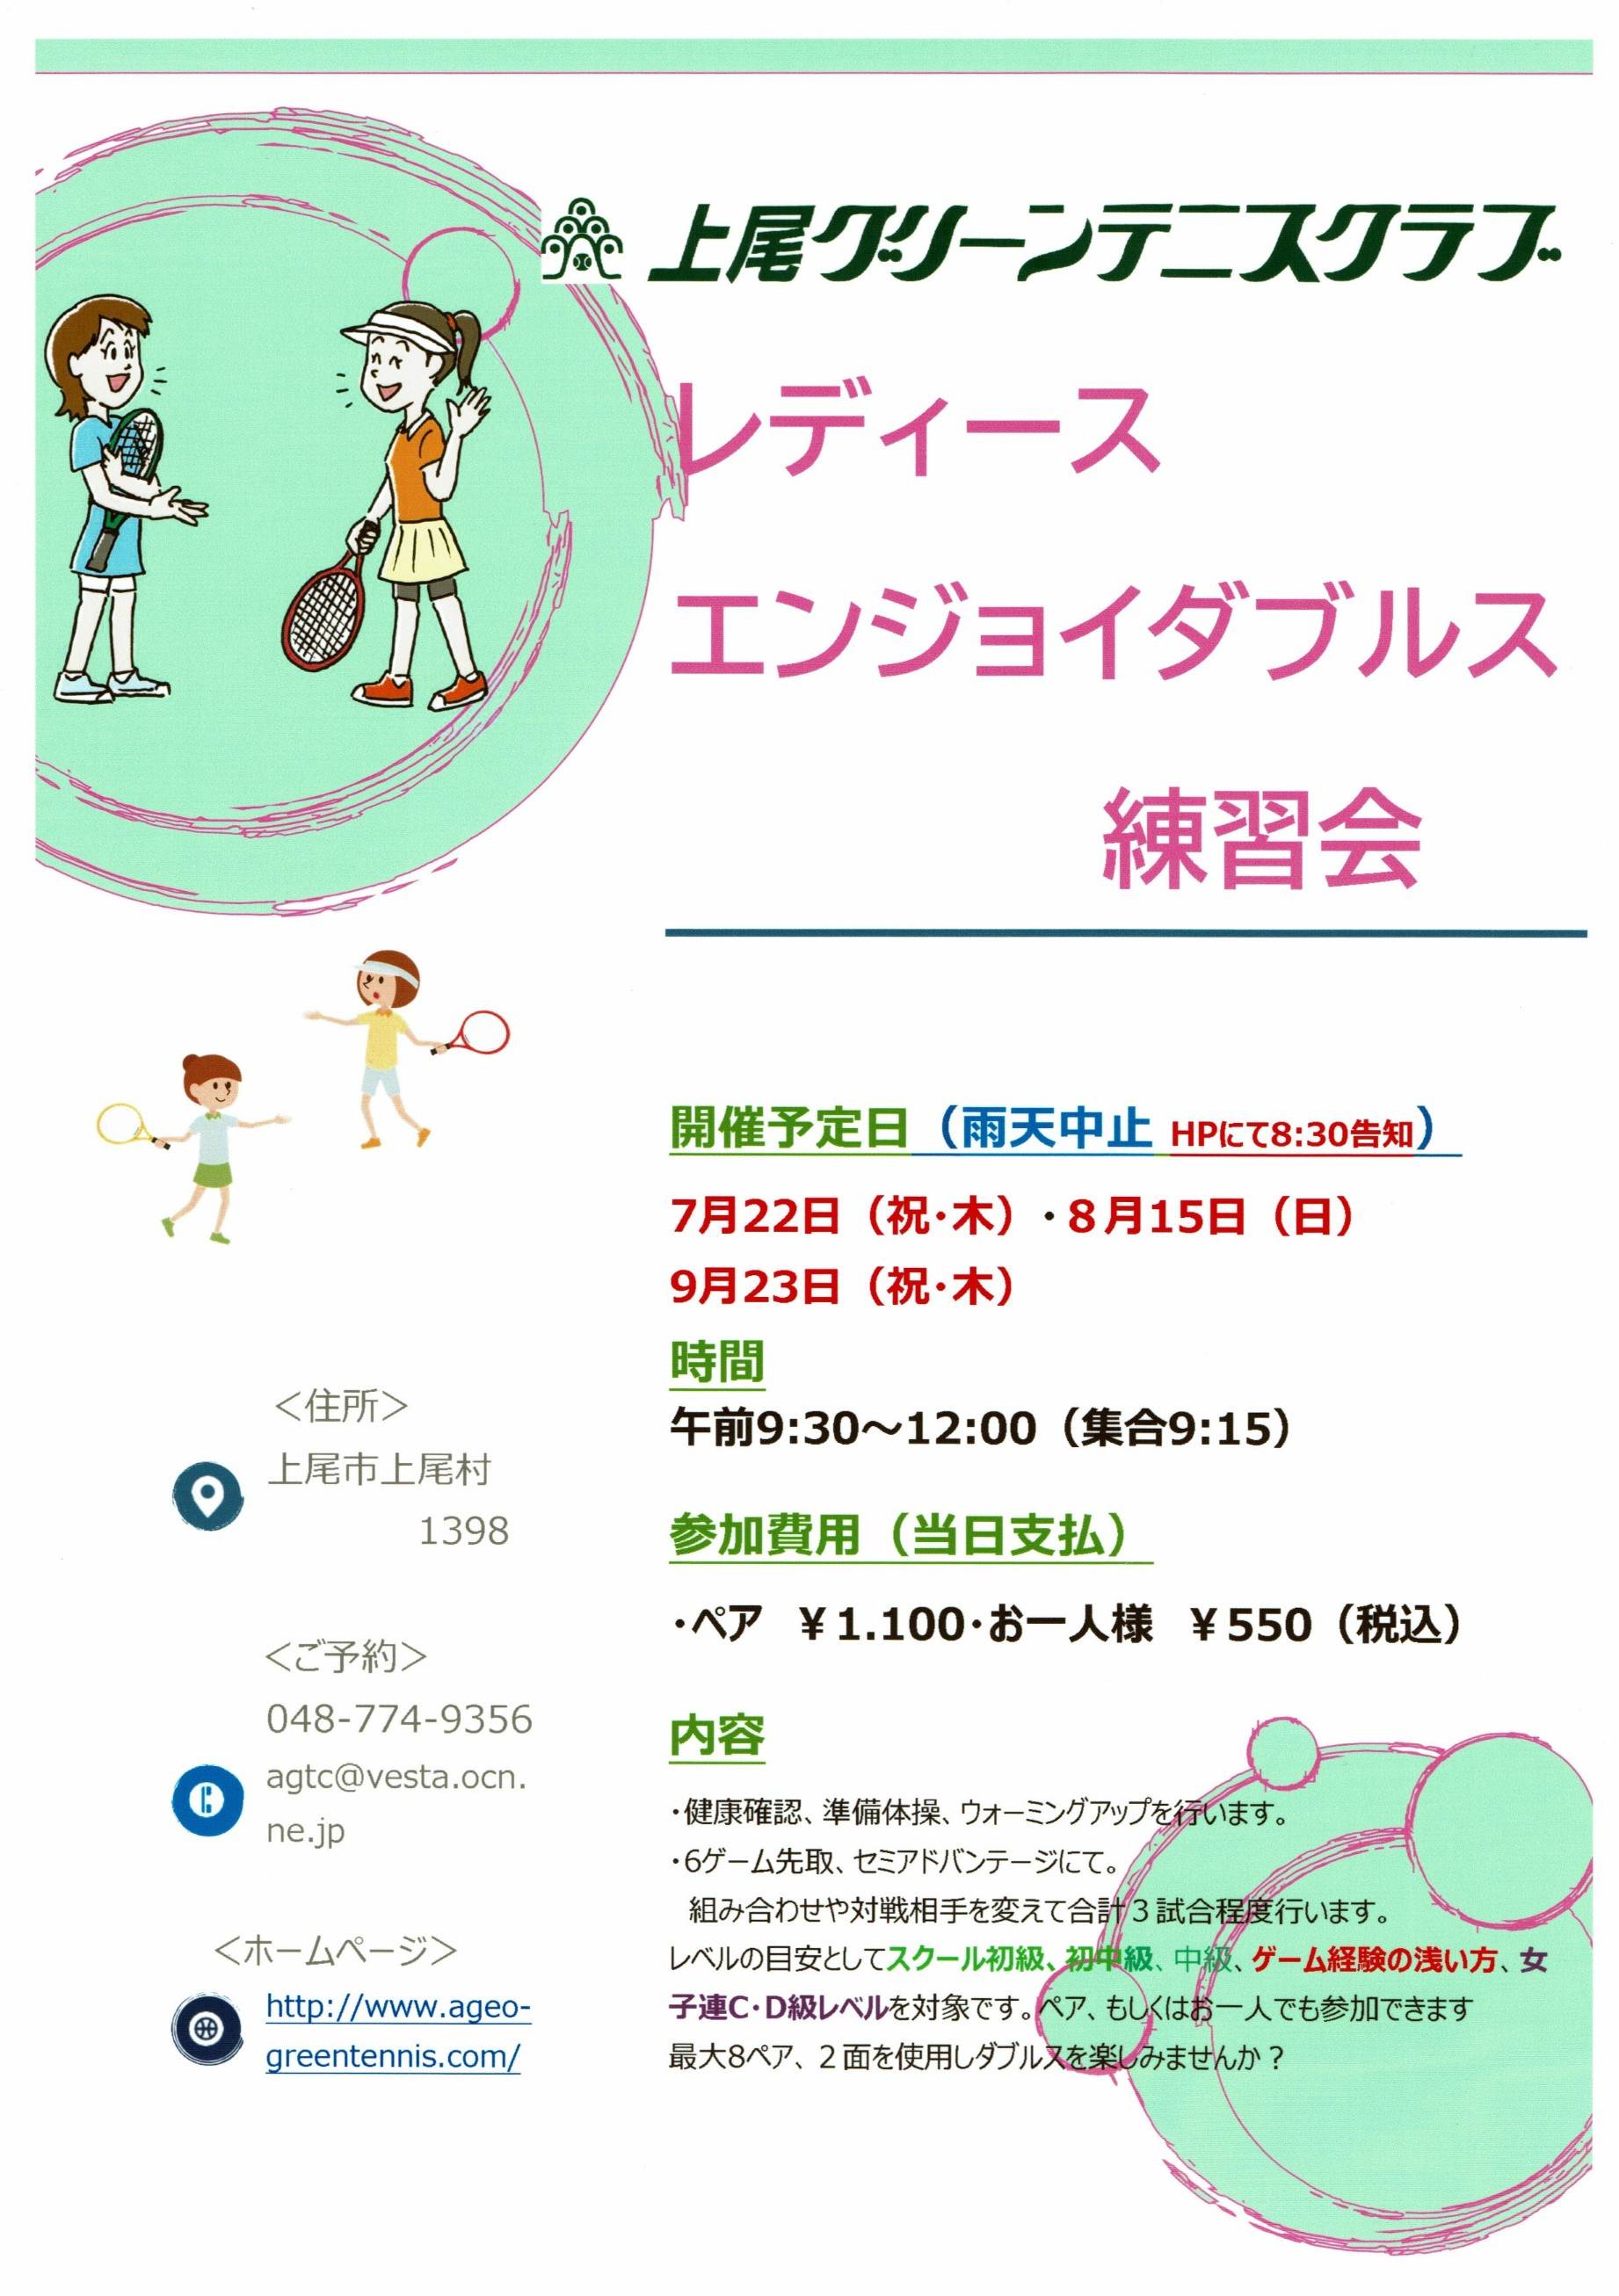 20210708レディースダブルス練習会_copy_2456x3484_copy_1842x2613